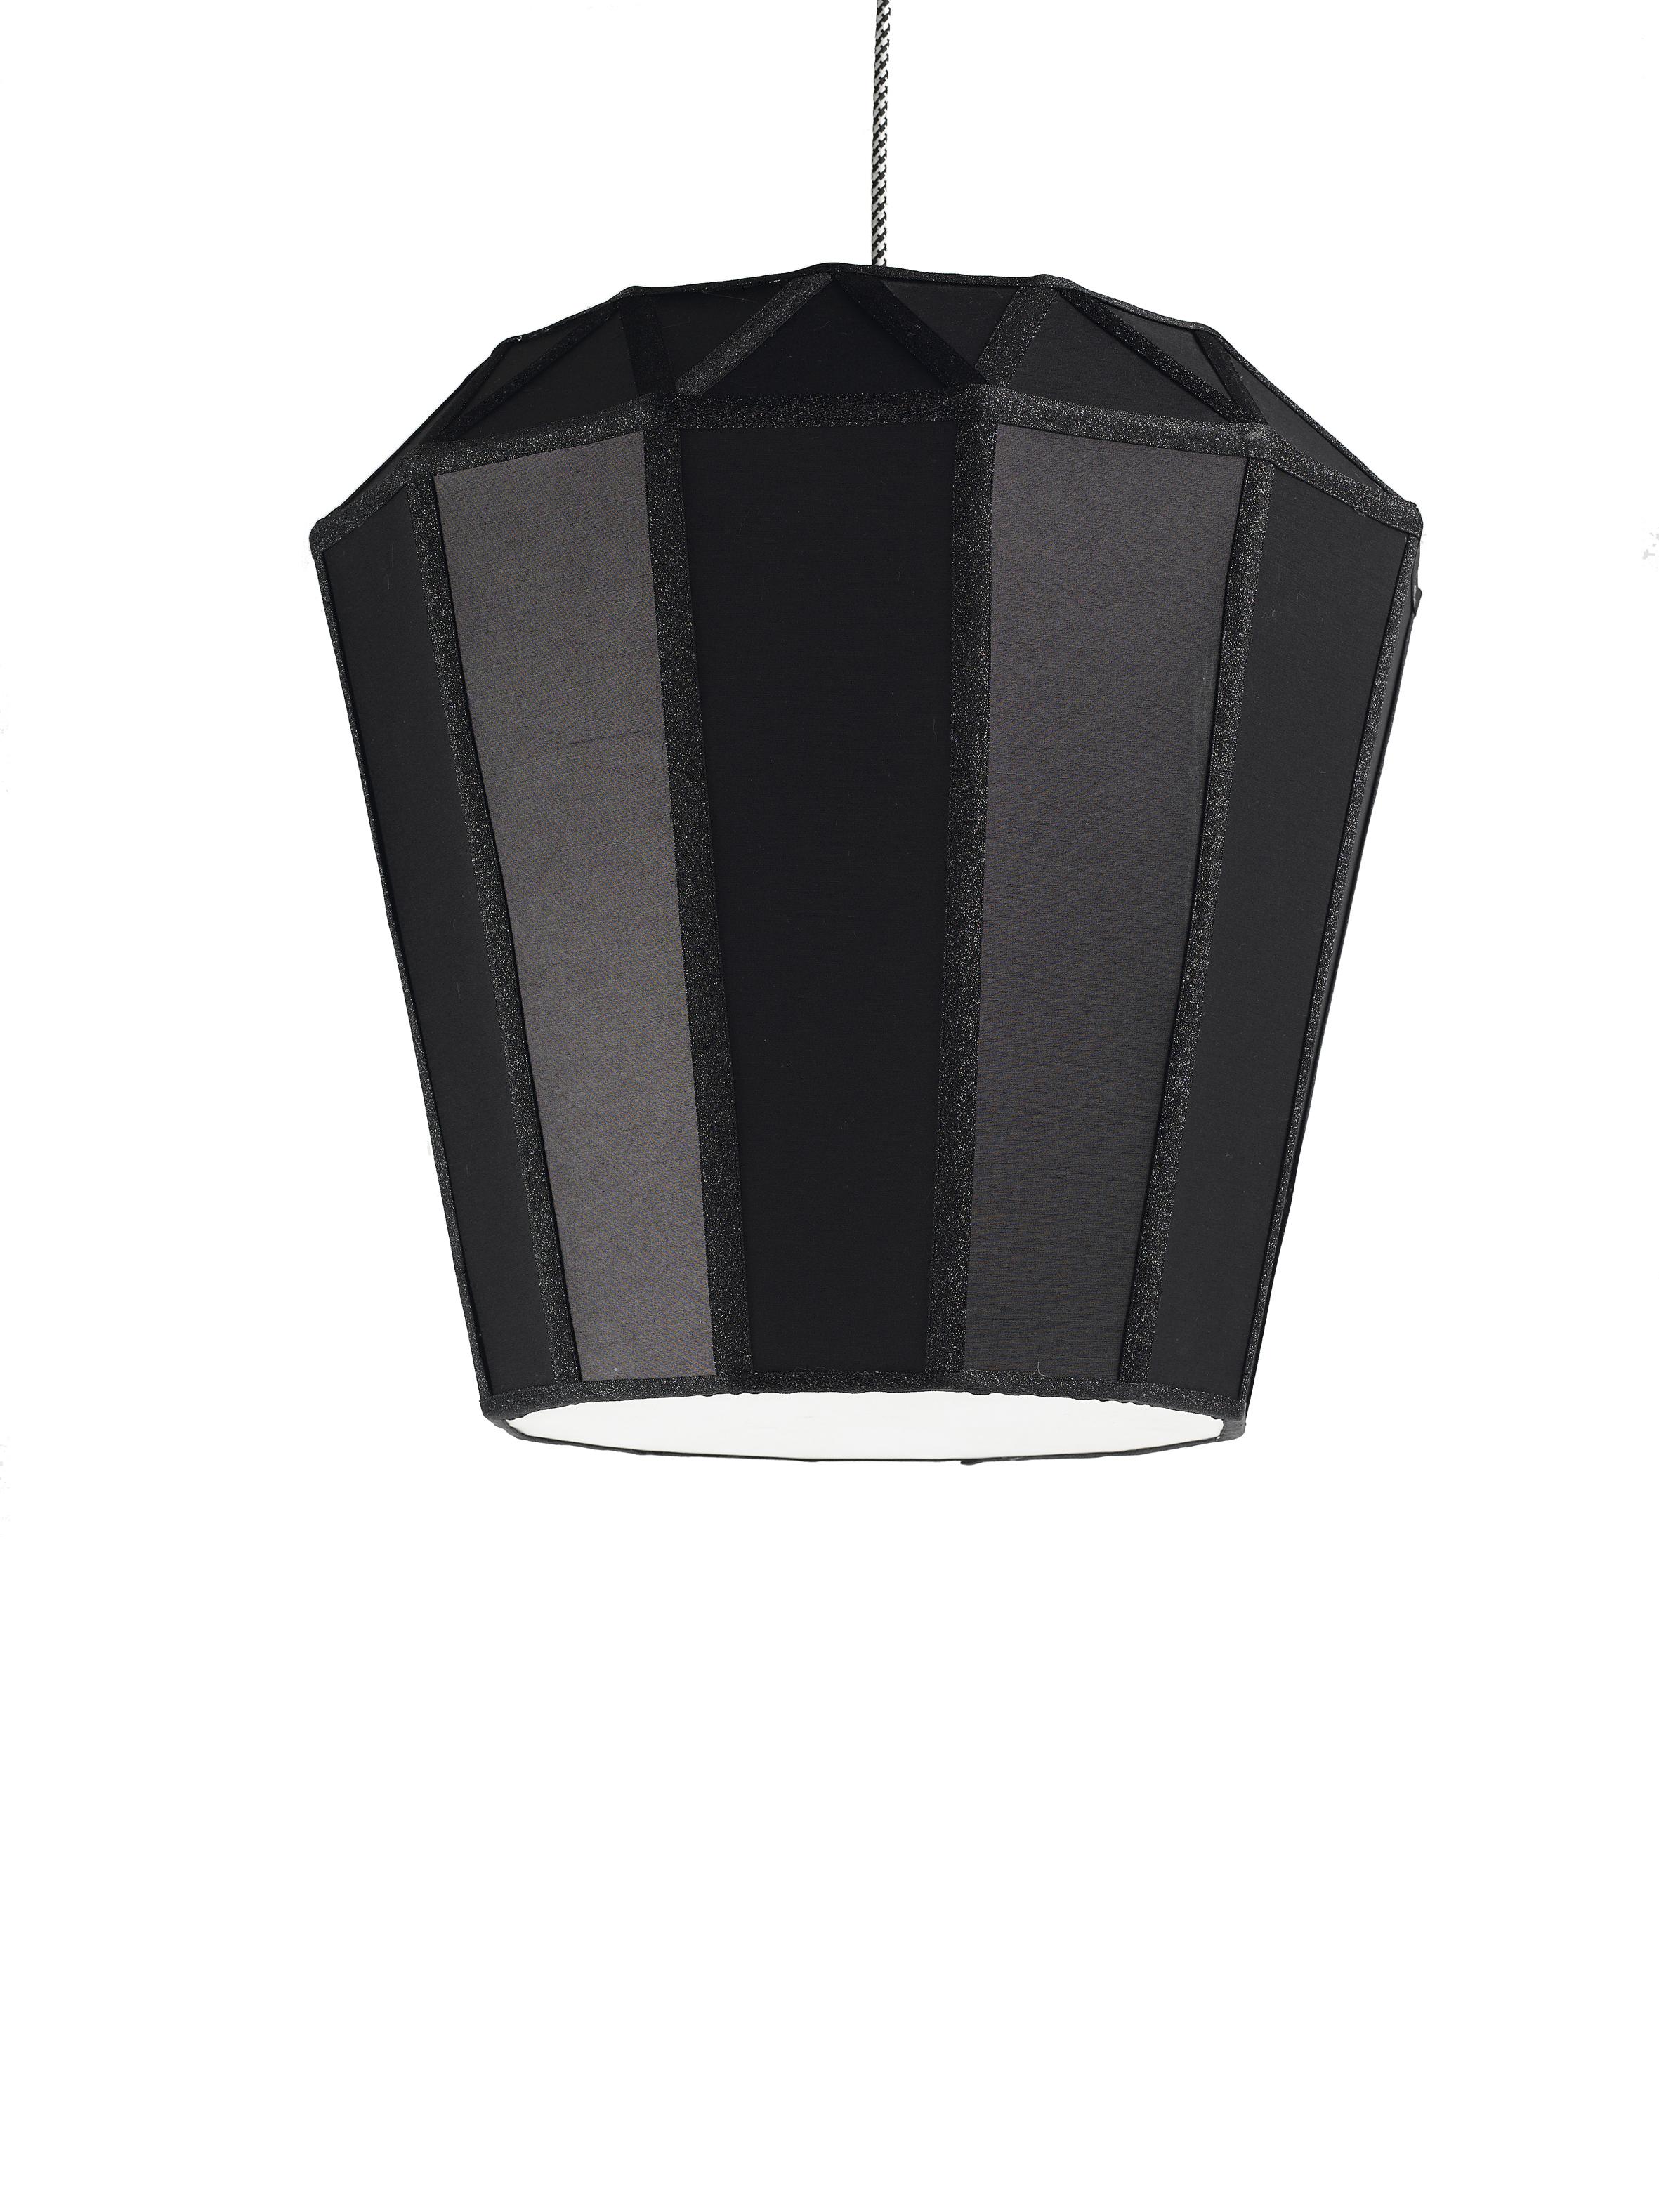 mat jewski apr s les plumes le cristal et le diamant parisienne paris choses vues paris. Black Bedroom Furniture Sets. Home Design Ideas